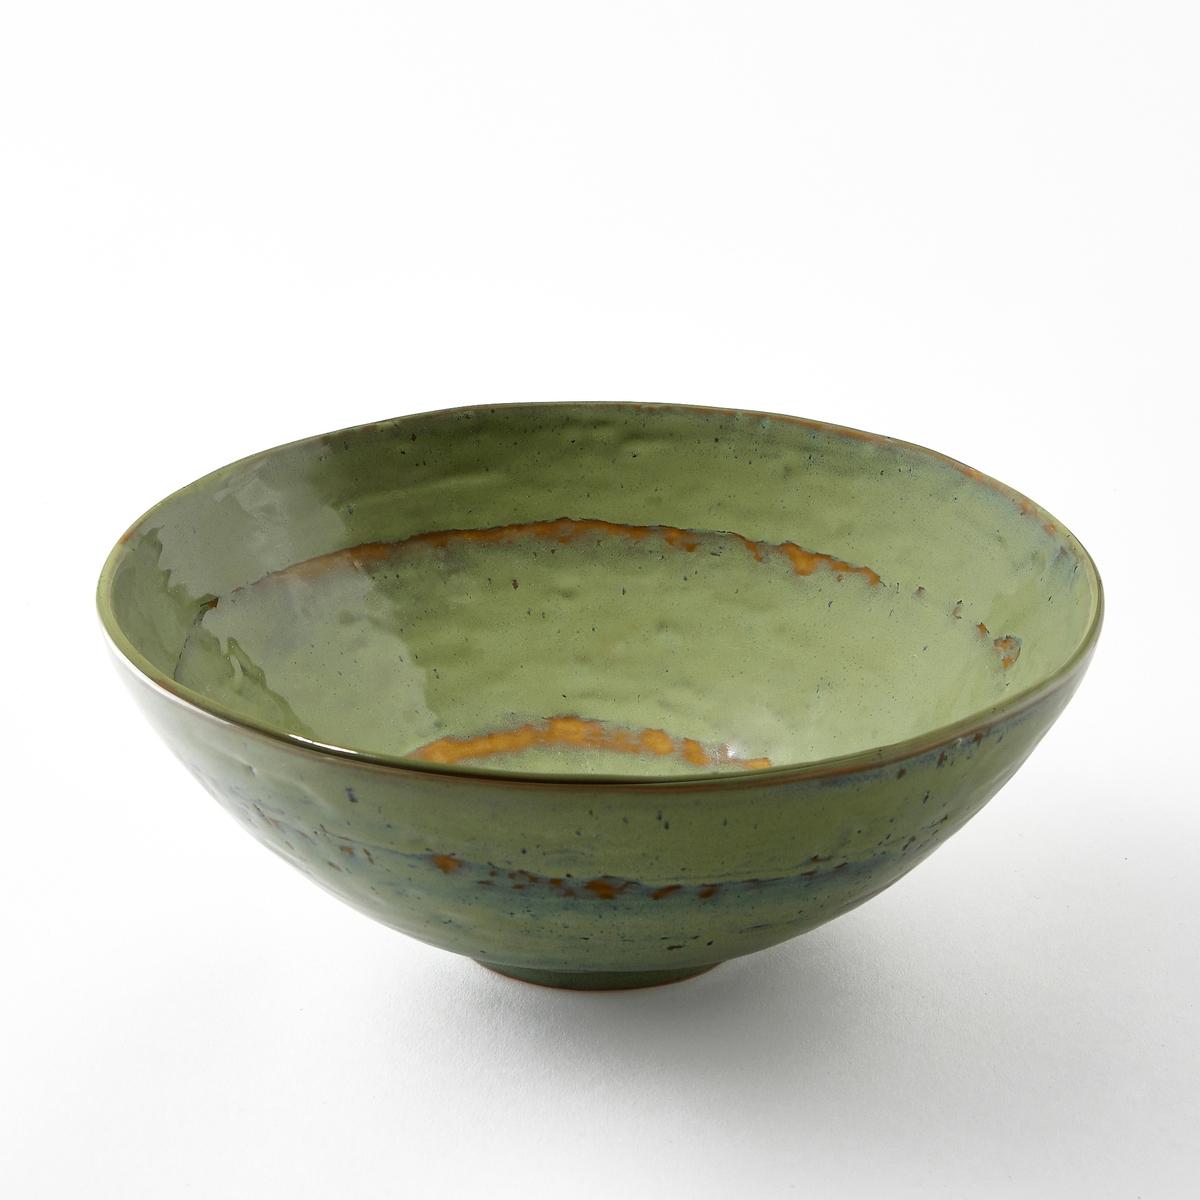 Салатница из керамики, покрытой глазурью, Pure, дизайн П. Нессенса, SeraxГотовка восхитительных блюд в красивой керамической посуде придает романтизма и способствует хорошему настроению. Паскаль Нессенс создал Pure, свою первую коллекцию столовых сервизов. Чистое воплощение аутентичности и теплоты, рожденные из органических форм и натуральных материалов.Характеристики :- Из керамики, покрытой глазурью. - Можно использовать в посудомоечных машинах и микроволновых печах. - Миска того же набора представлена на нашем сайте.Размеры  : - диаметр 28 x высота 10,5 см.<br><br>Цвет: зеленый/темно-зеленый<br>Размер: единый размер